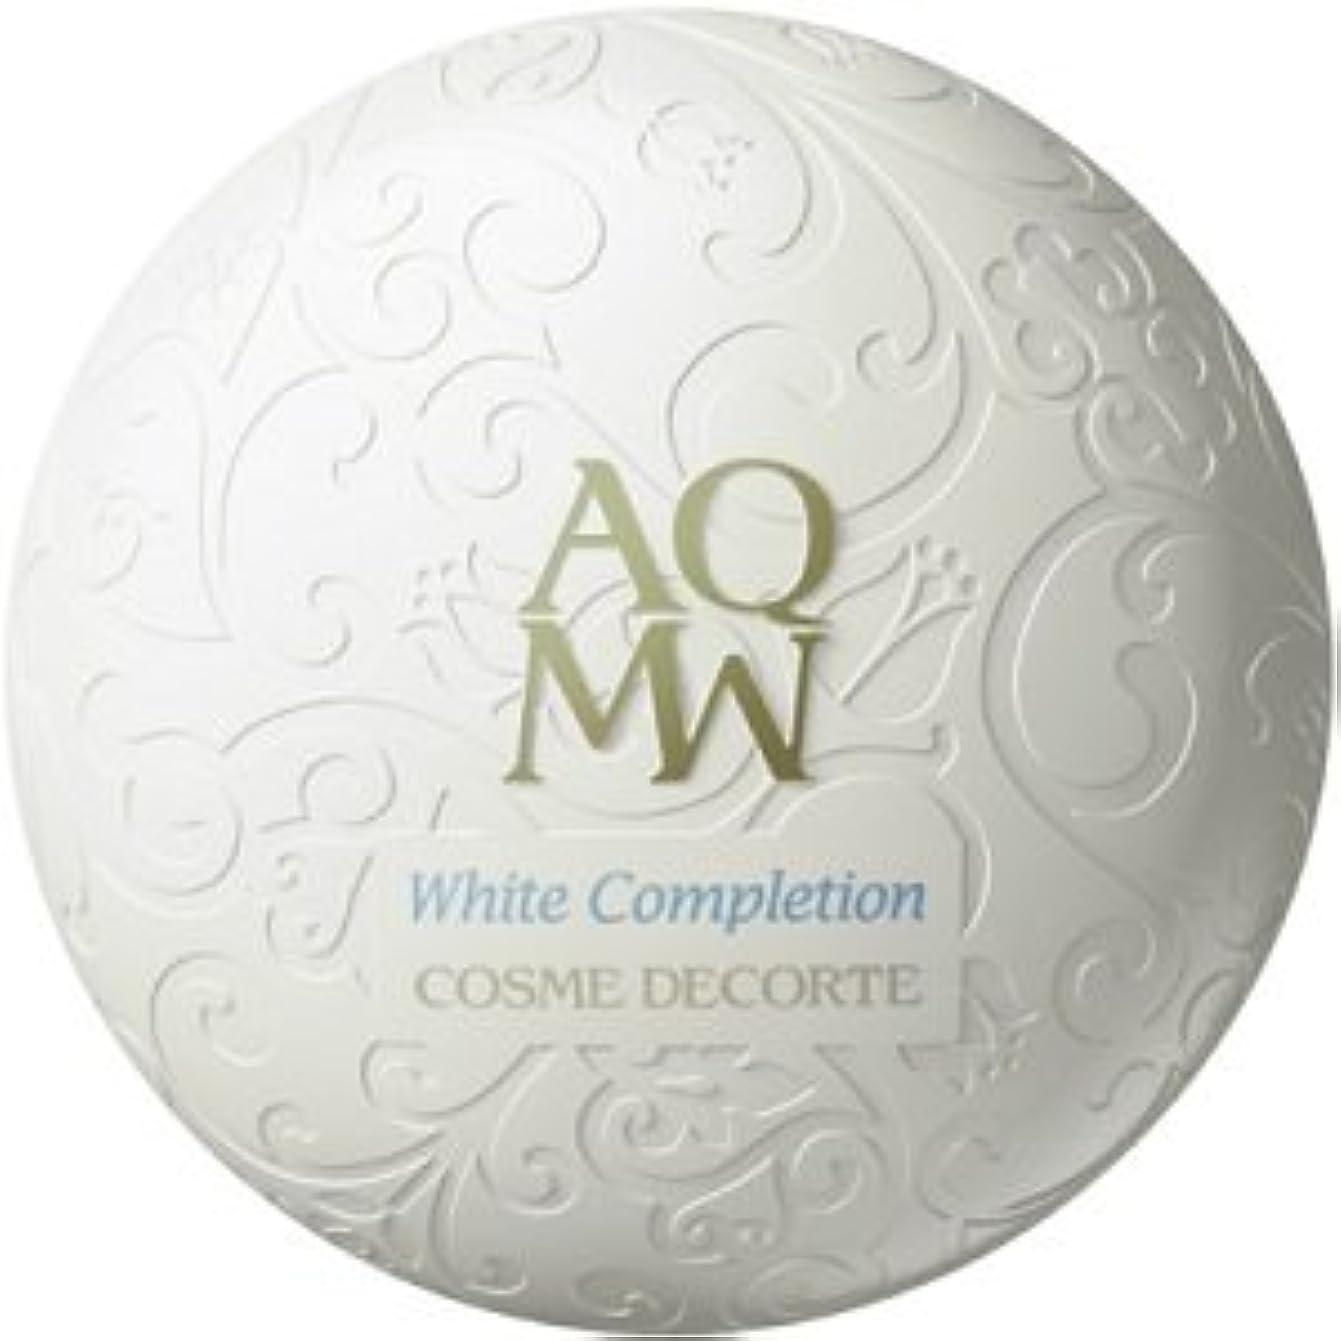 食用手錠植物のコスメデコルテ AQMW ホワイトコンプリーション 25g